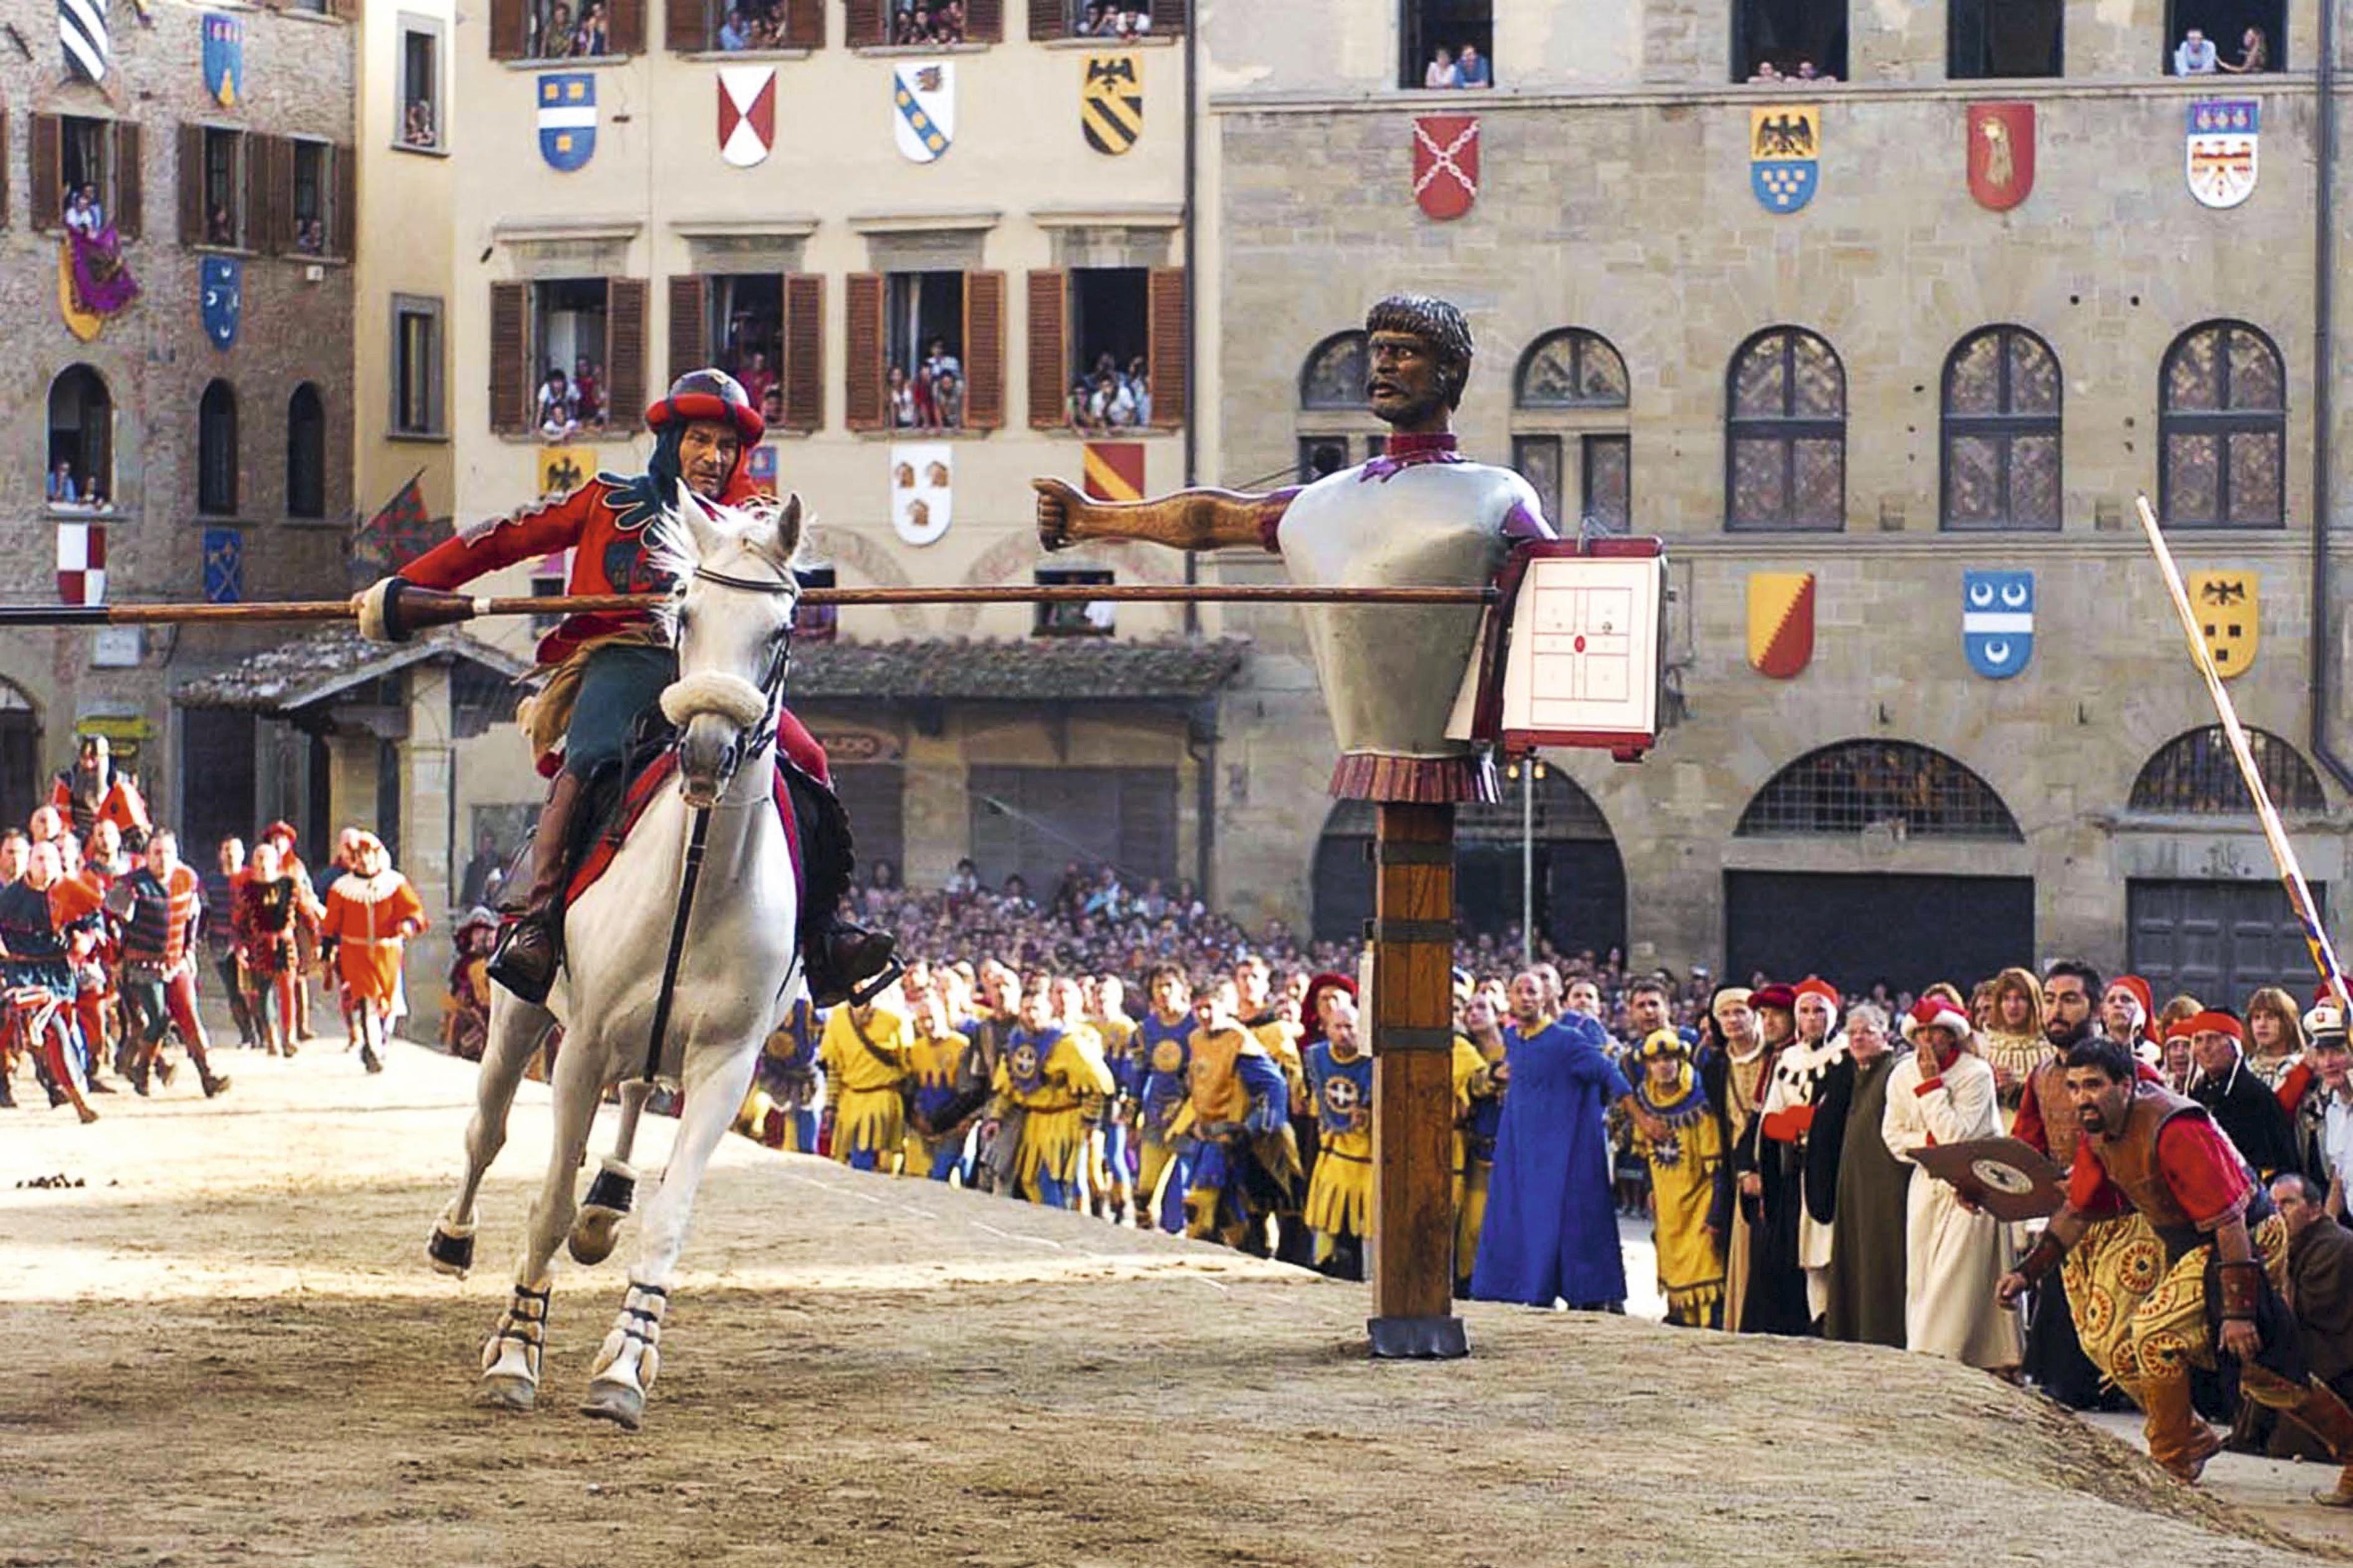 A festa medieval Giostra del Saracino